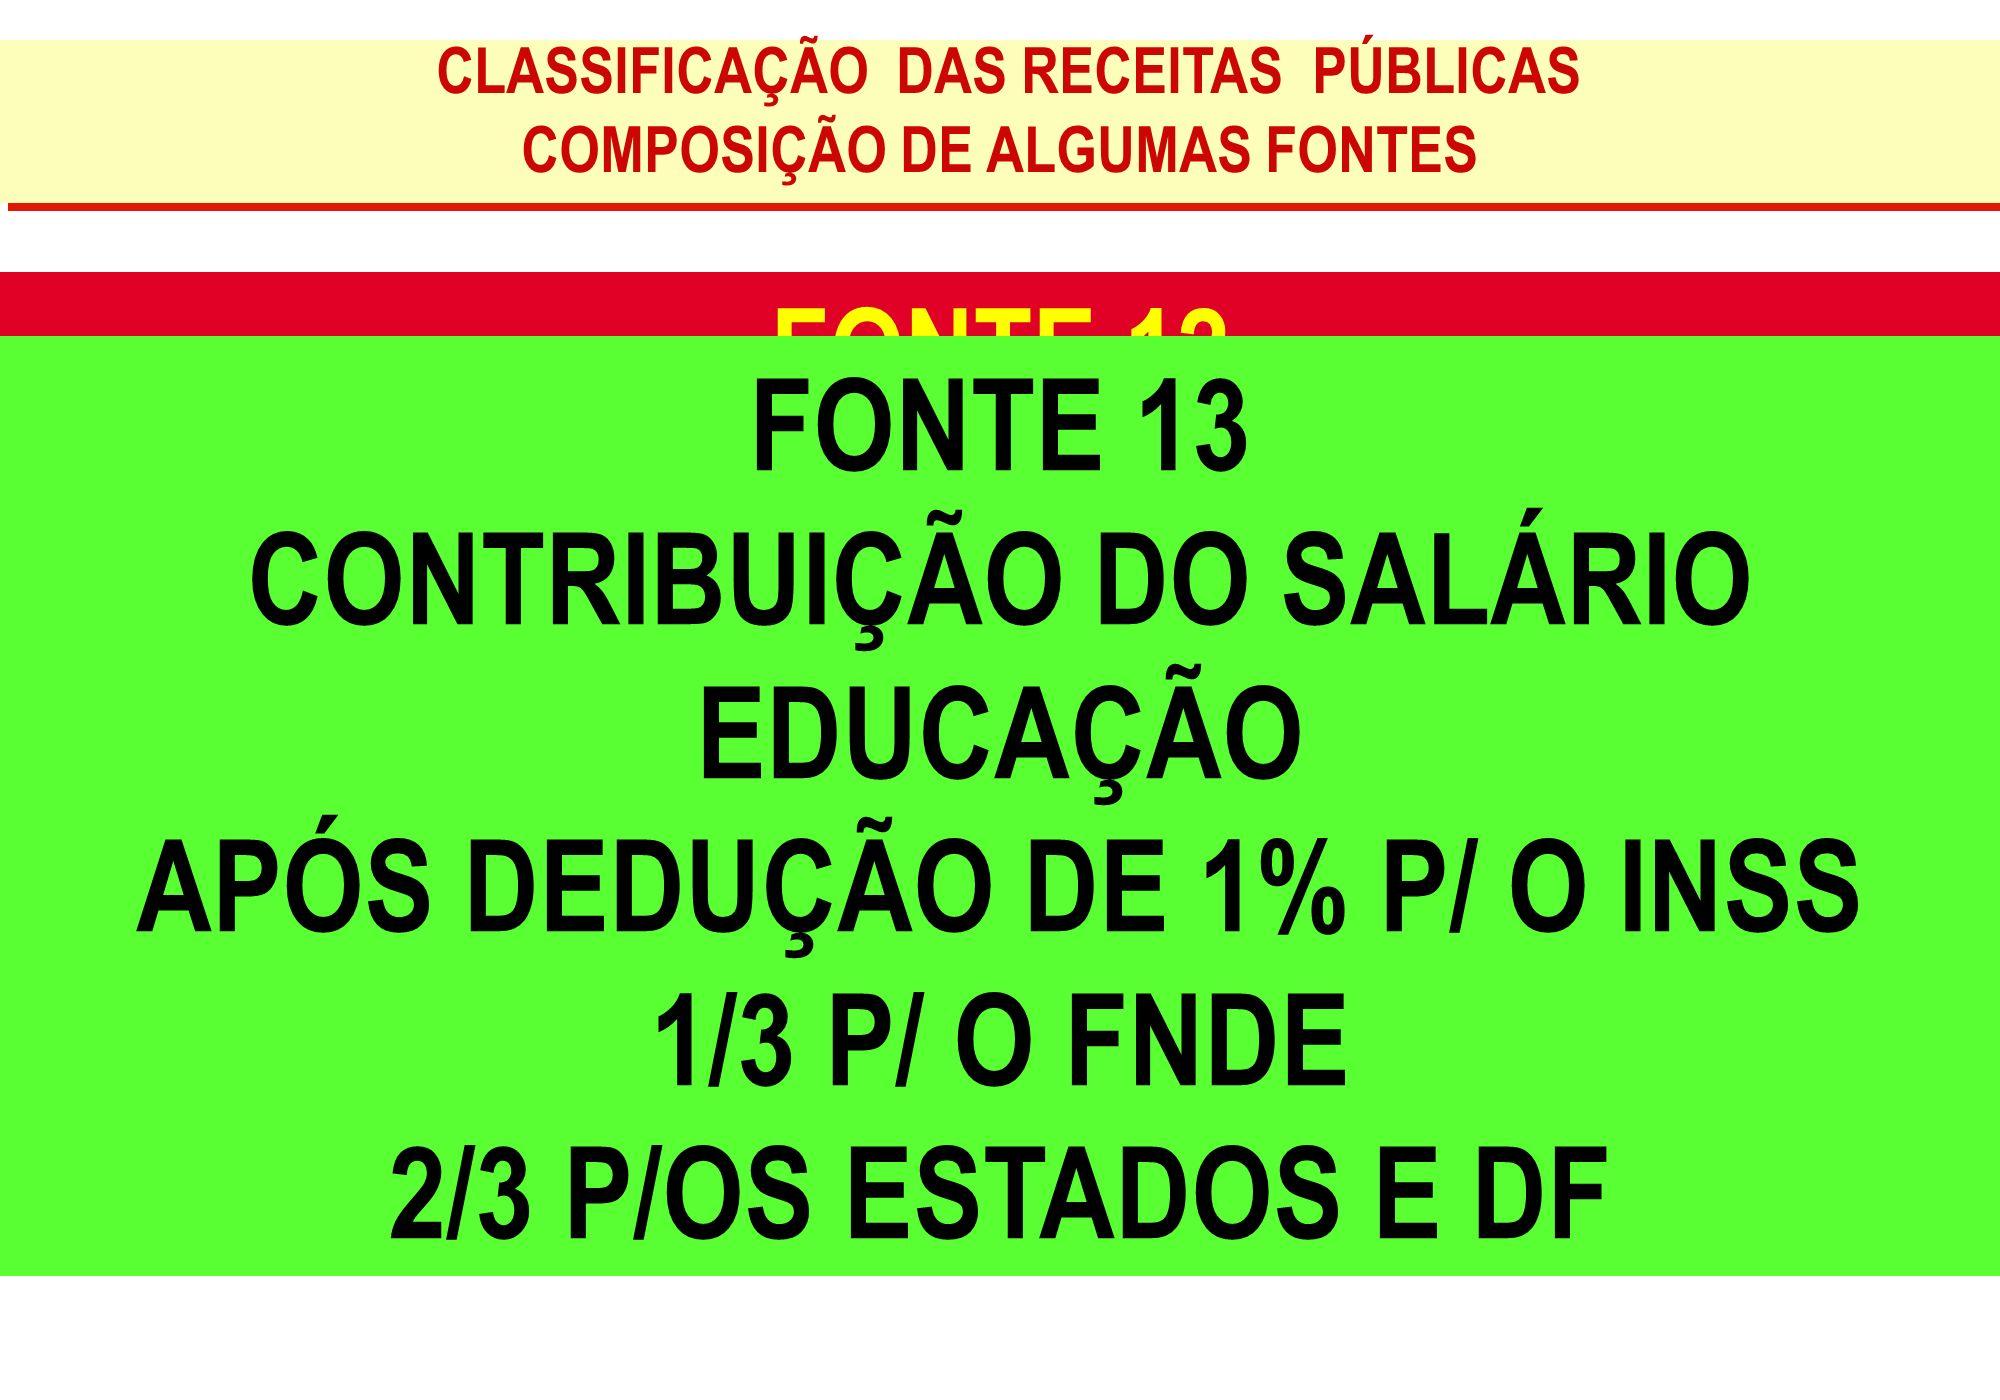 CLASSIFICAÇÃO DAS RECEITAS PÚBLICAS COMPOSIÇÃO DE ALGUMAS FONTES CLASSIFICAÇÃO DAS RECEITAS PÚBLICAS COMPOSIÇÃO DE ALGUMAS FONTES FONTE 12 MANUTENÇÃO